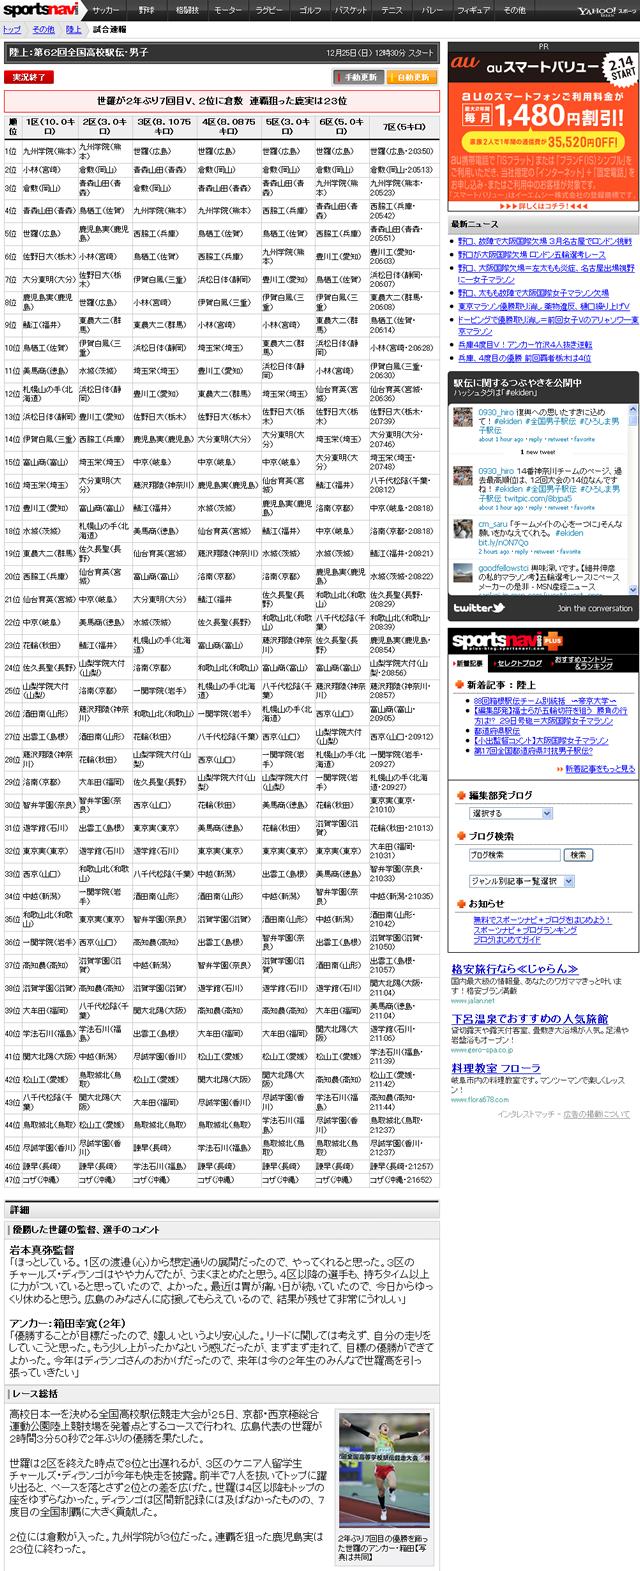 第62回全国高校男子駅伝 広島・世羅が2年ぶり7回目V